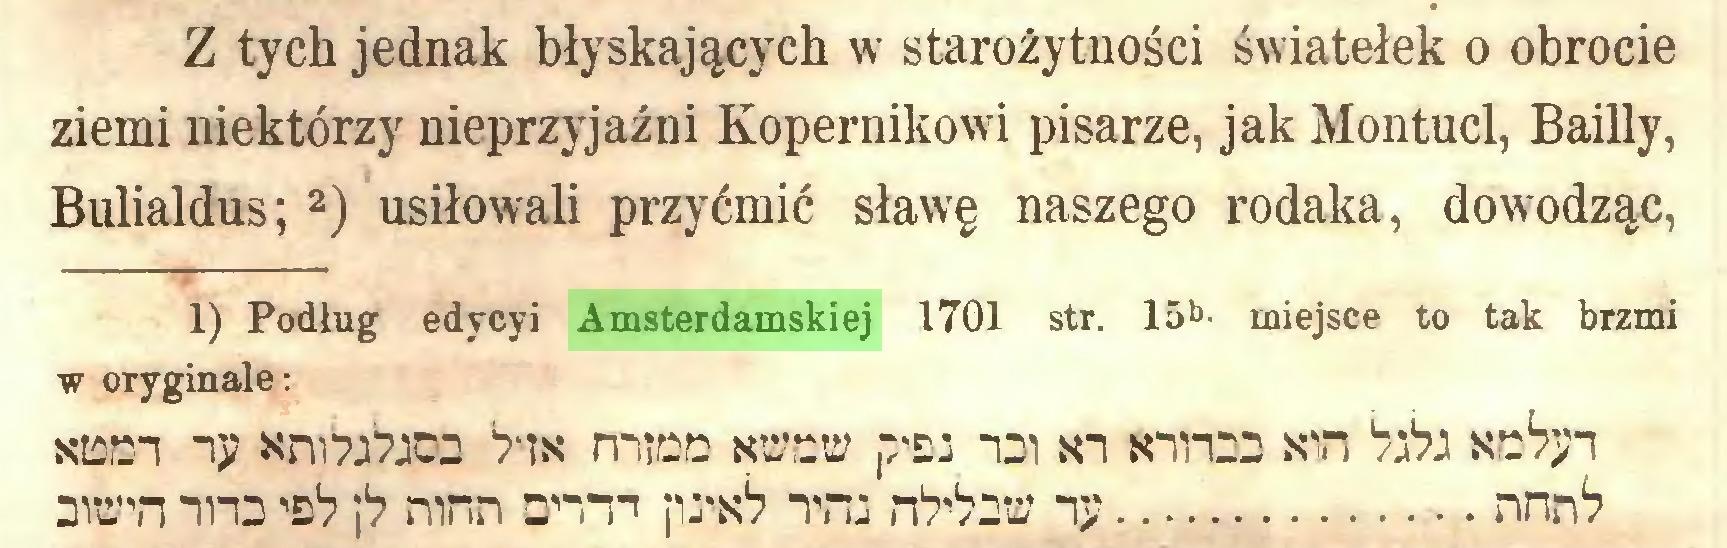 """(...) Z tych jednak błyskających w starożytności światełek o obrocie ziemi niektórzy nieprzyjaźni Kopernikowi pisarze, jak Montucl, Bailly, Bulialdus; 2) usiłowali przyćmić sławę naszego rodaka, dowodząc, 1) Podług edycyi Amsterdamskiej 1701 str. 15*> miejsce to tak brzmi w oryginale: siflDi ij? micD nüeü po: -di sn tanio Kin W?: mian nno o1? p mnn on""""p pwó Tfu rtobm *ij? nnn*?..."""